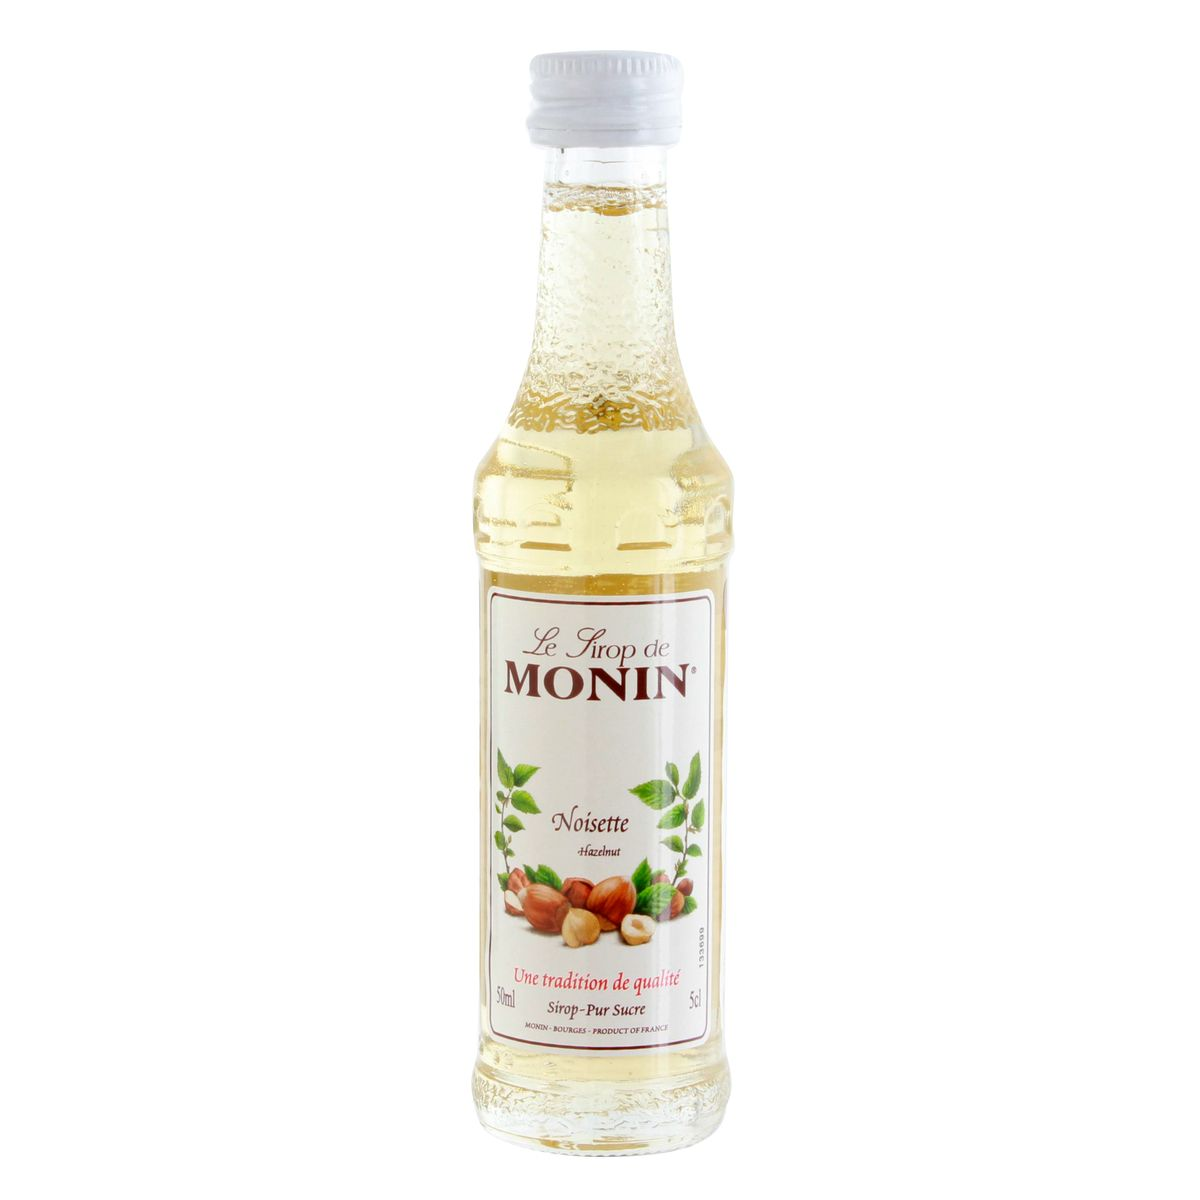 Mignonette sirop - noisette 5cl - Monin